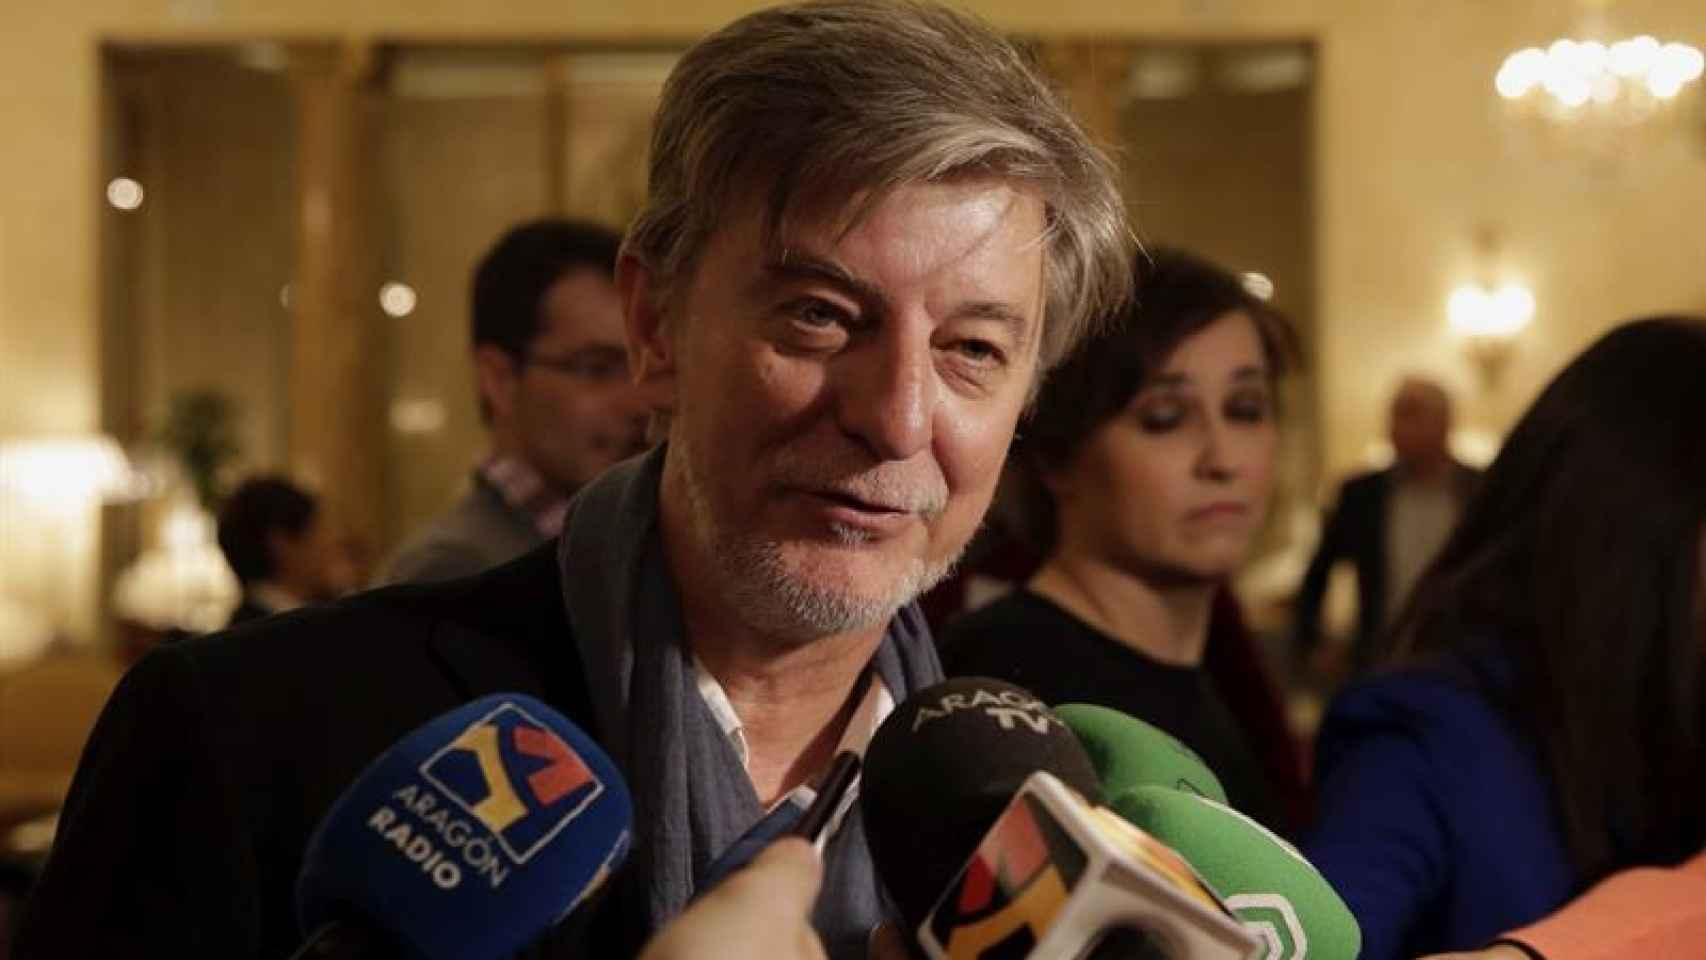 El alcalde de Zaragoza, Pedro Santisteve, atiende a los medios.